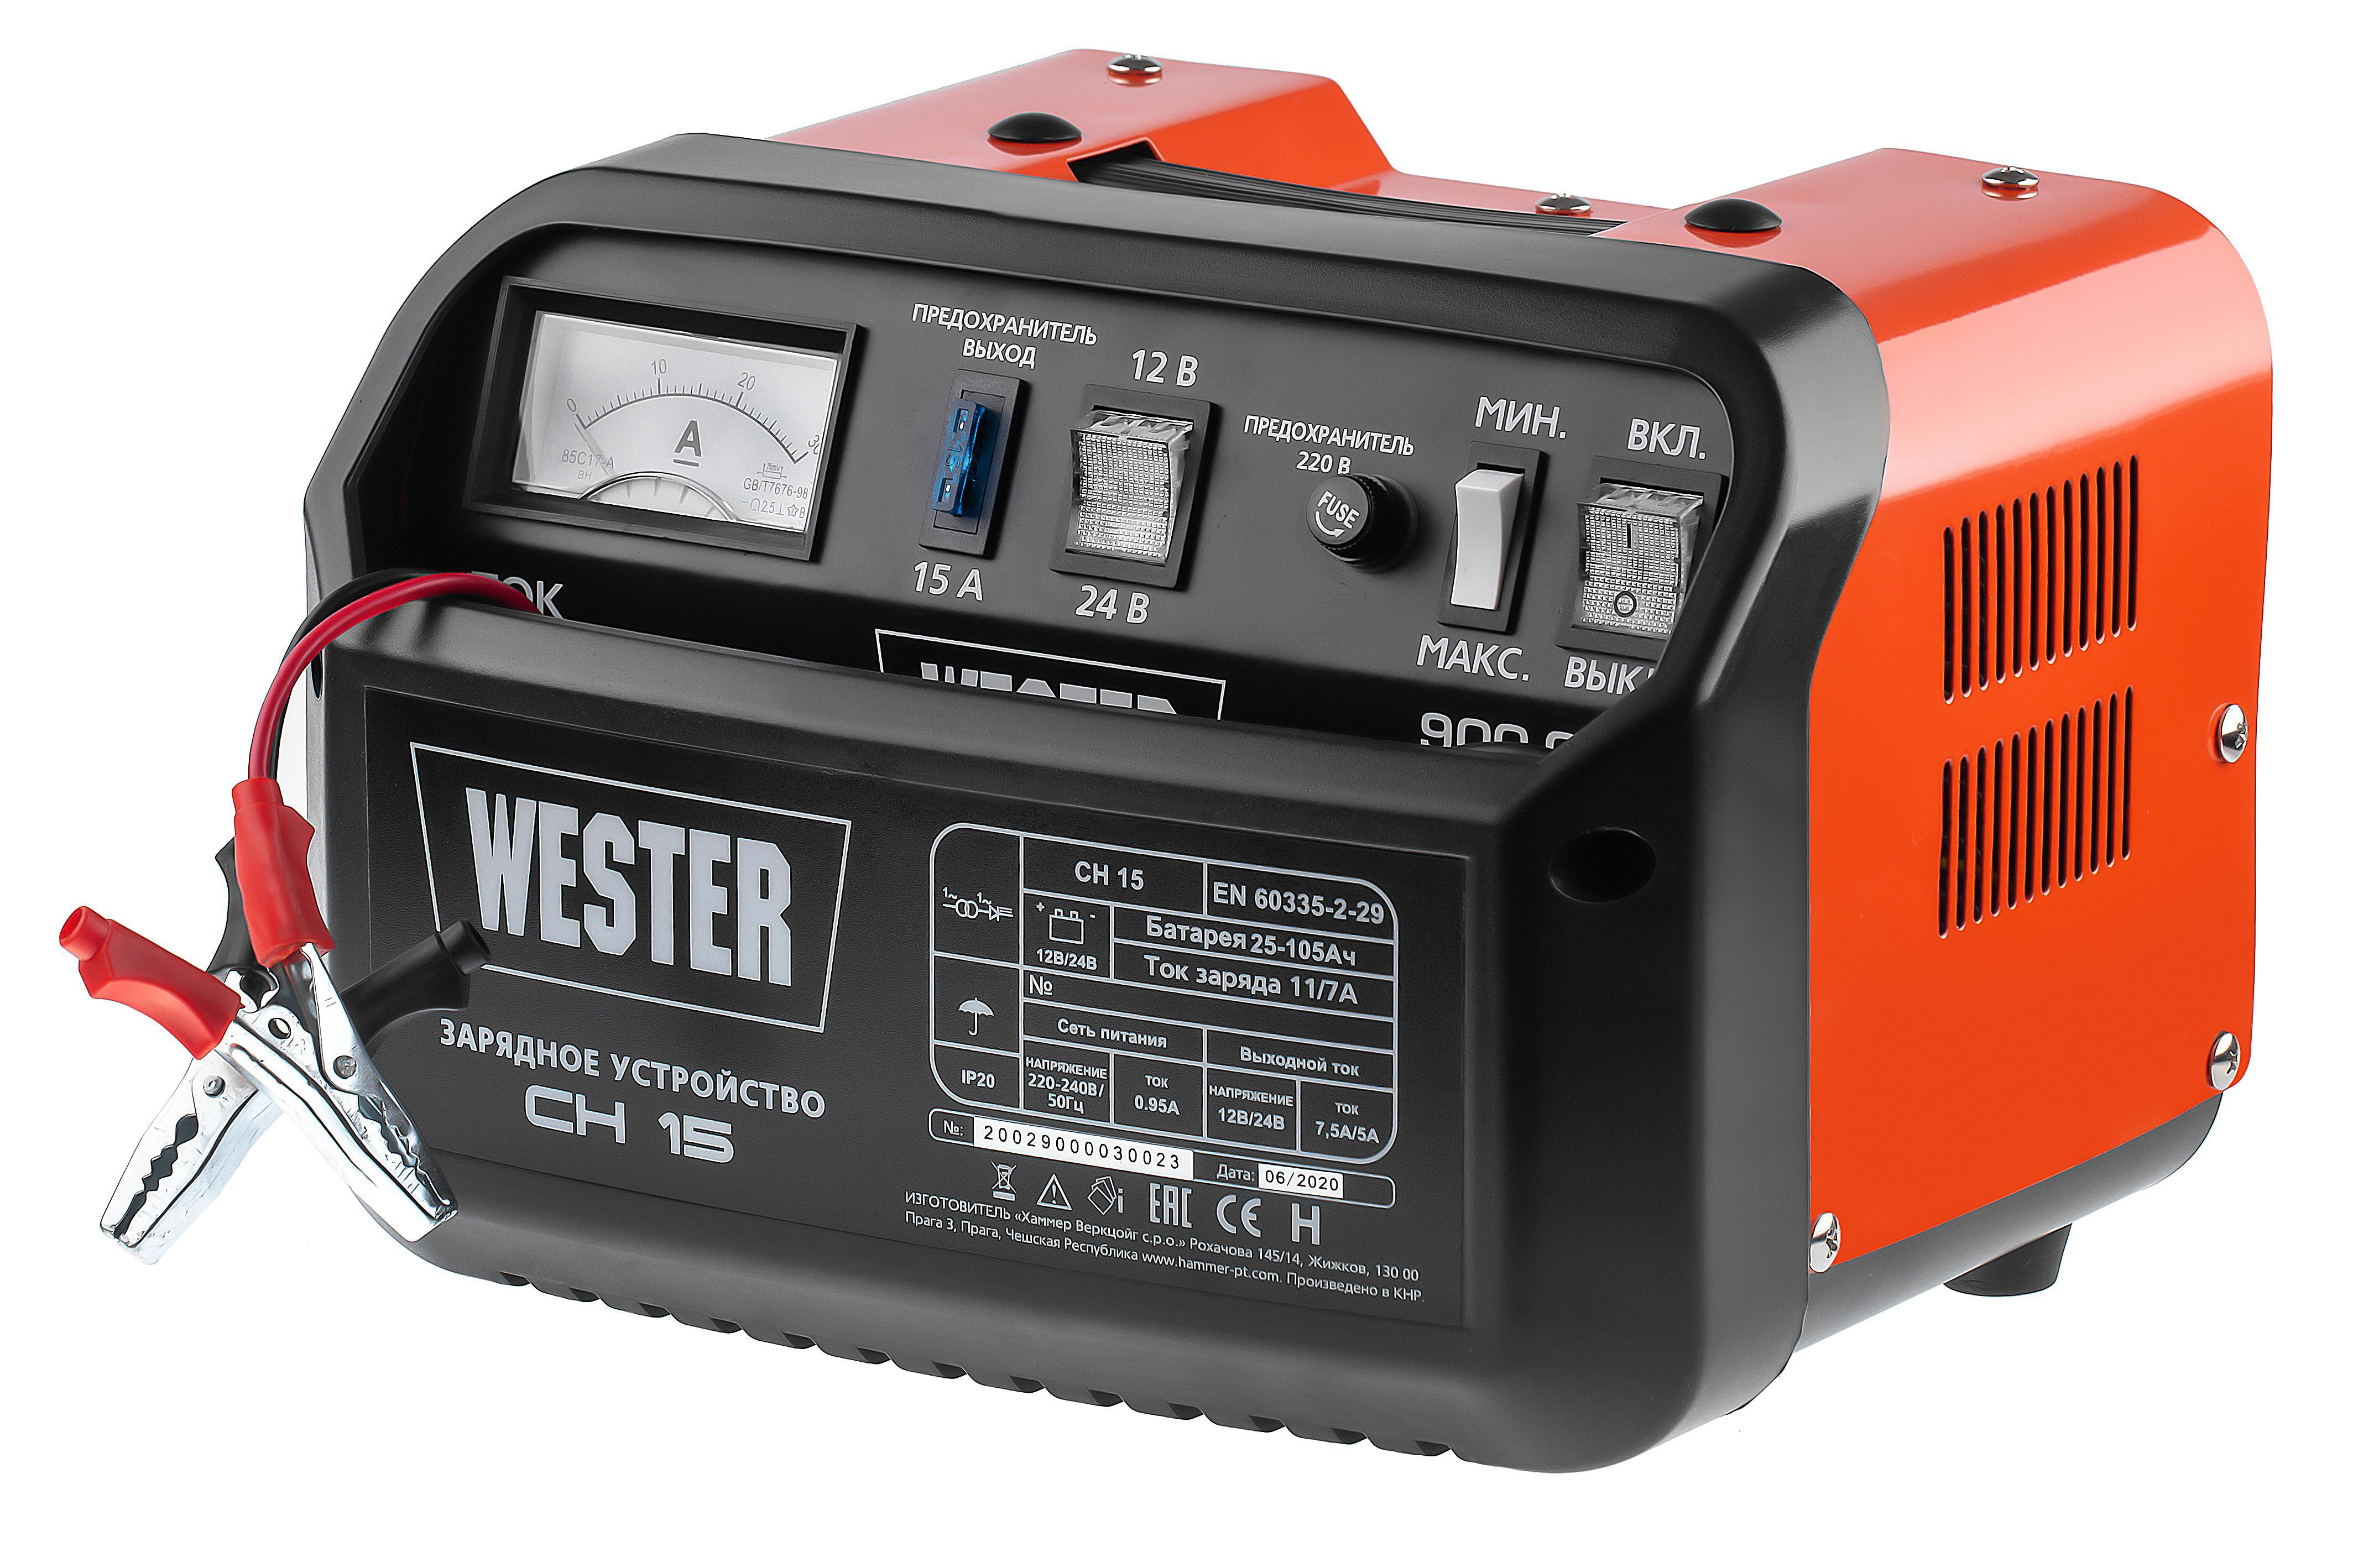 купить Устройство зарядное Wester Ch15 недорого